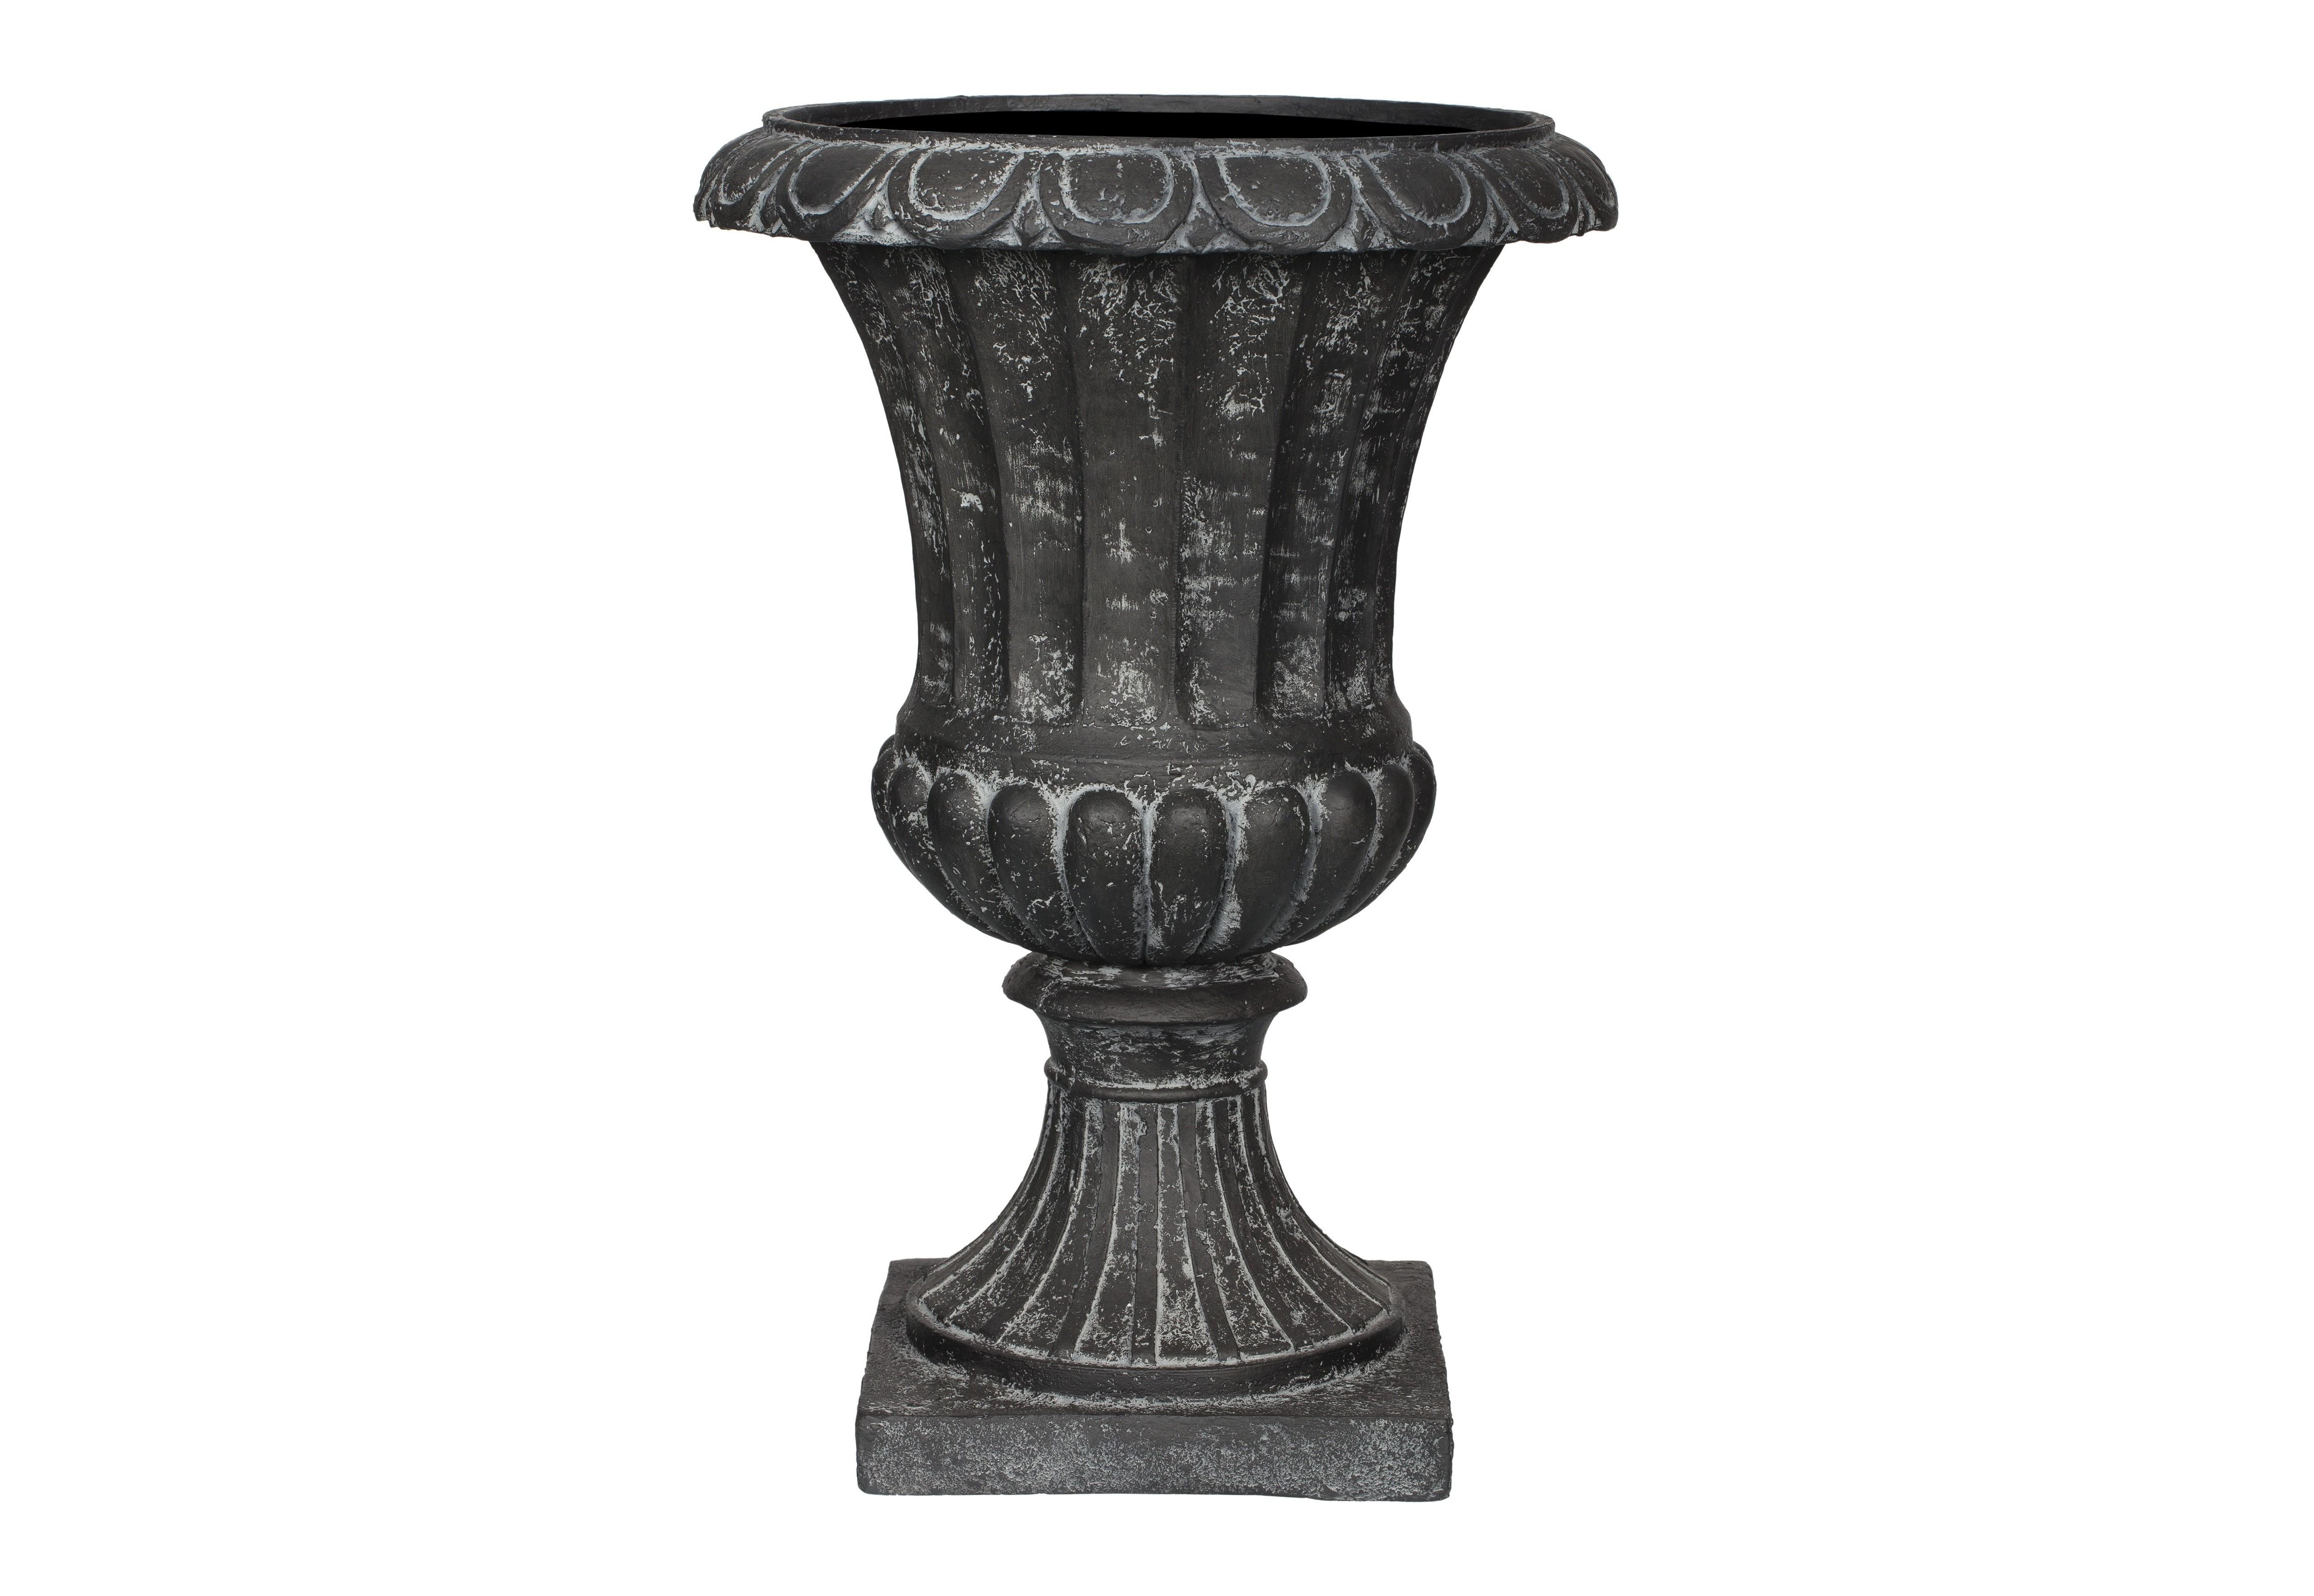 Ваза ГРАССКашпо и вазы для сада<br>CAPI CLASSIC – это вазы в классическом французском стиле.  Вазы отличаются  декоративной каймой с изысканным цветочным узором.  <br>Коллекцию дополняют пьедесталы, с которыми вазы прекрасно согласуются и величественно выглядят рядом с входной дверью или на классической террасе.  Комплекты из ваз не только позволяют создать  красивую композицию, но и значительно облегчают уход за растениями. С их помощью легко расставить акценты на тропинках, входе в дом или на террасе.<br>Вазы CAPI EUROPE не боятся перепадов температуры и влажности воздуха. Все вазы могут быть использованы в доме и на улице круглый год. На дне каждой вазы есть дренажное отверстие, что позволит уберечь  вазу в морозы.<br><br>Material: Полистоун<br>Length см: None<br>Width см: None<br>Height см: 50<br>Diameter см: 35